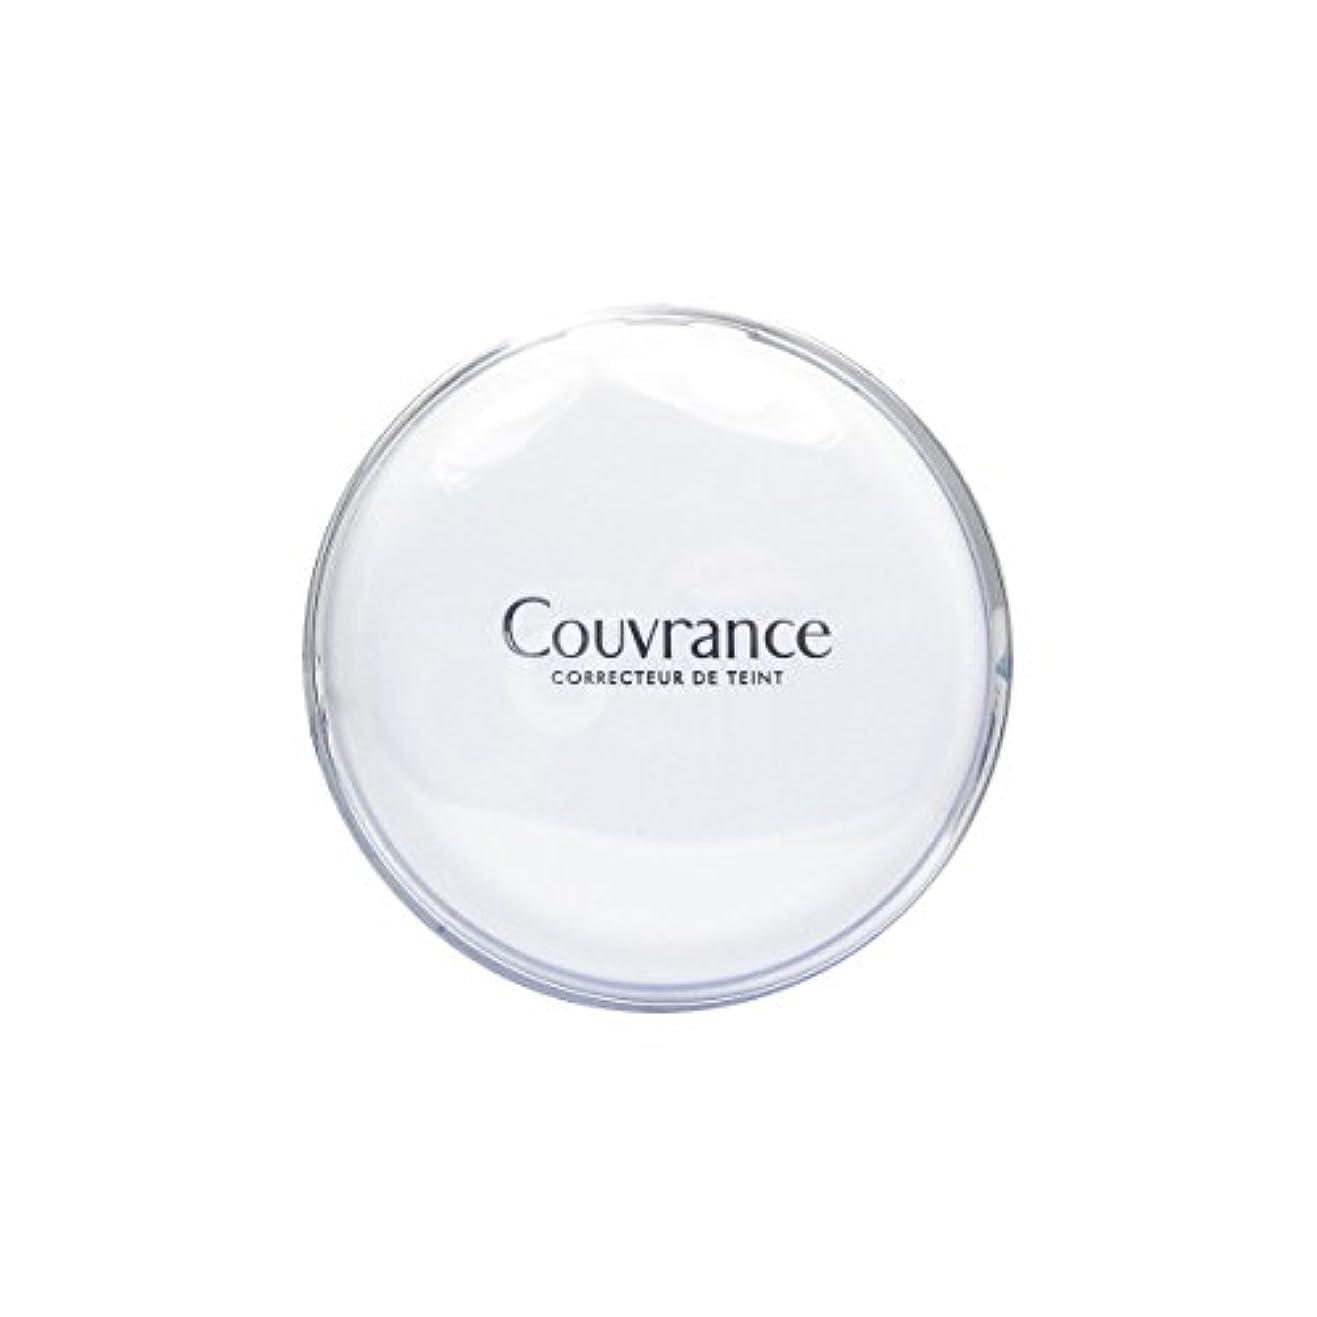 エミュレートするヘッドレス適用済みAvene Couvrance Compact Confort Cream 2.5 Beige 10gr [並行輸入品]